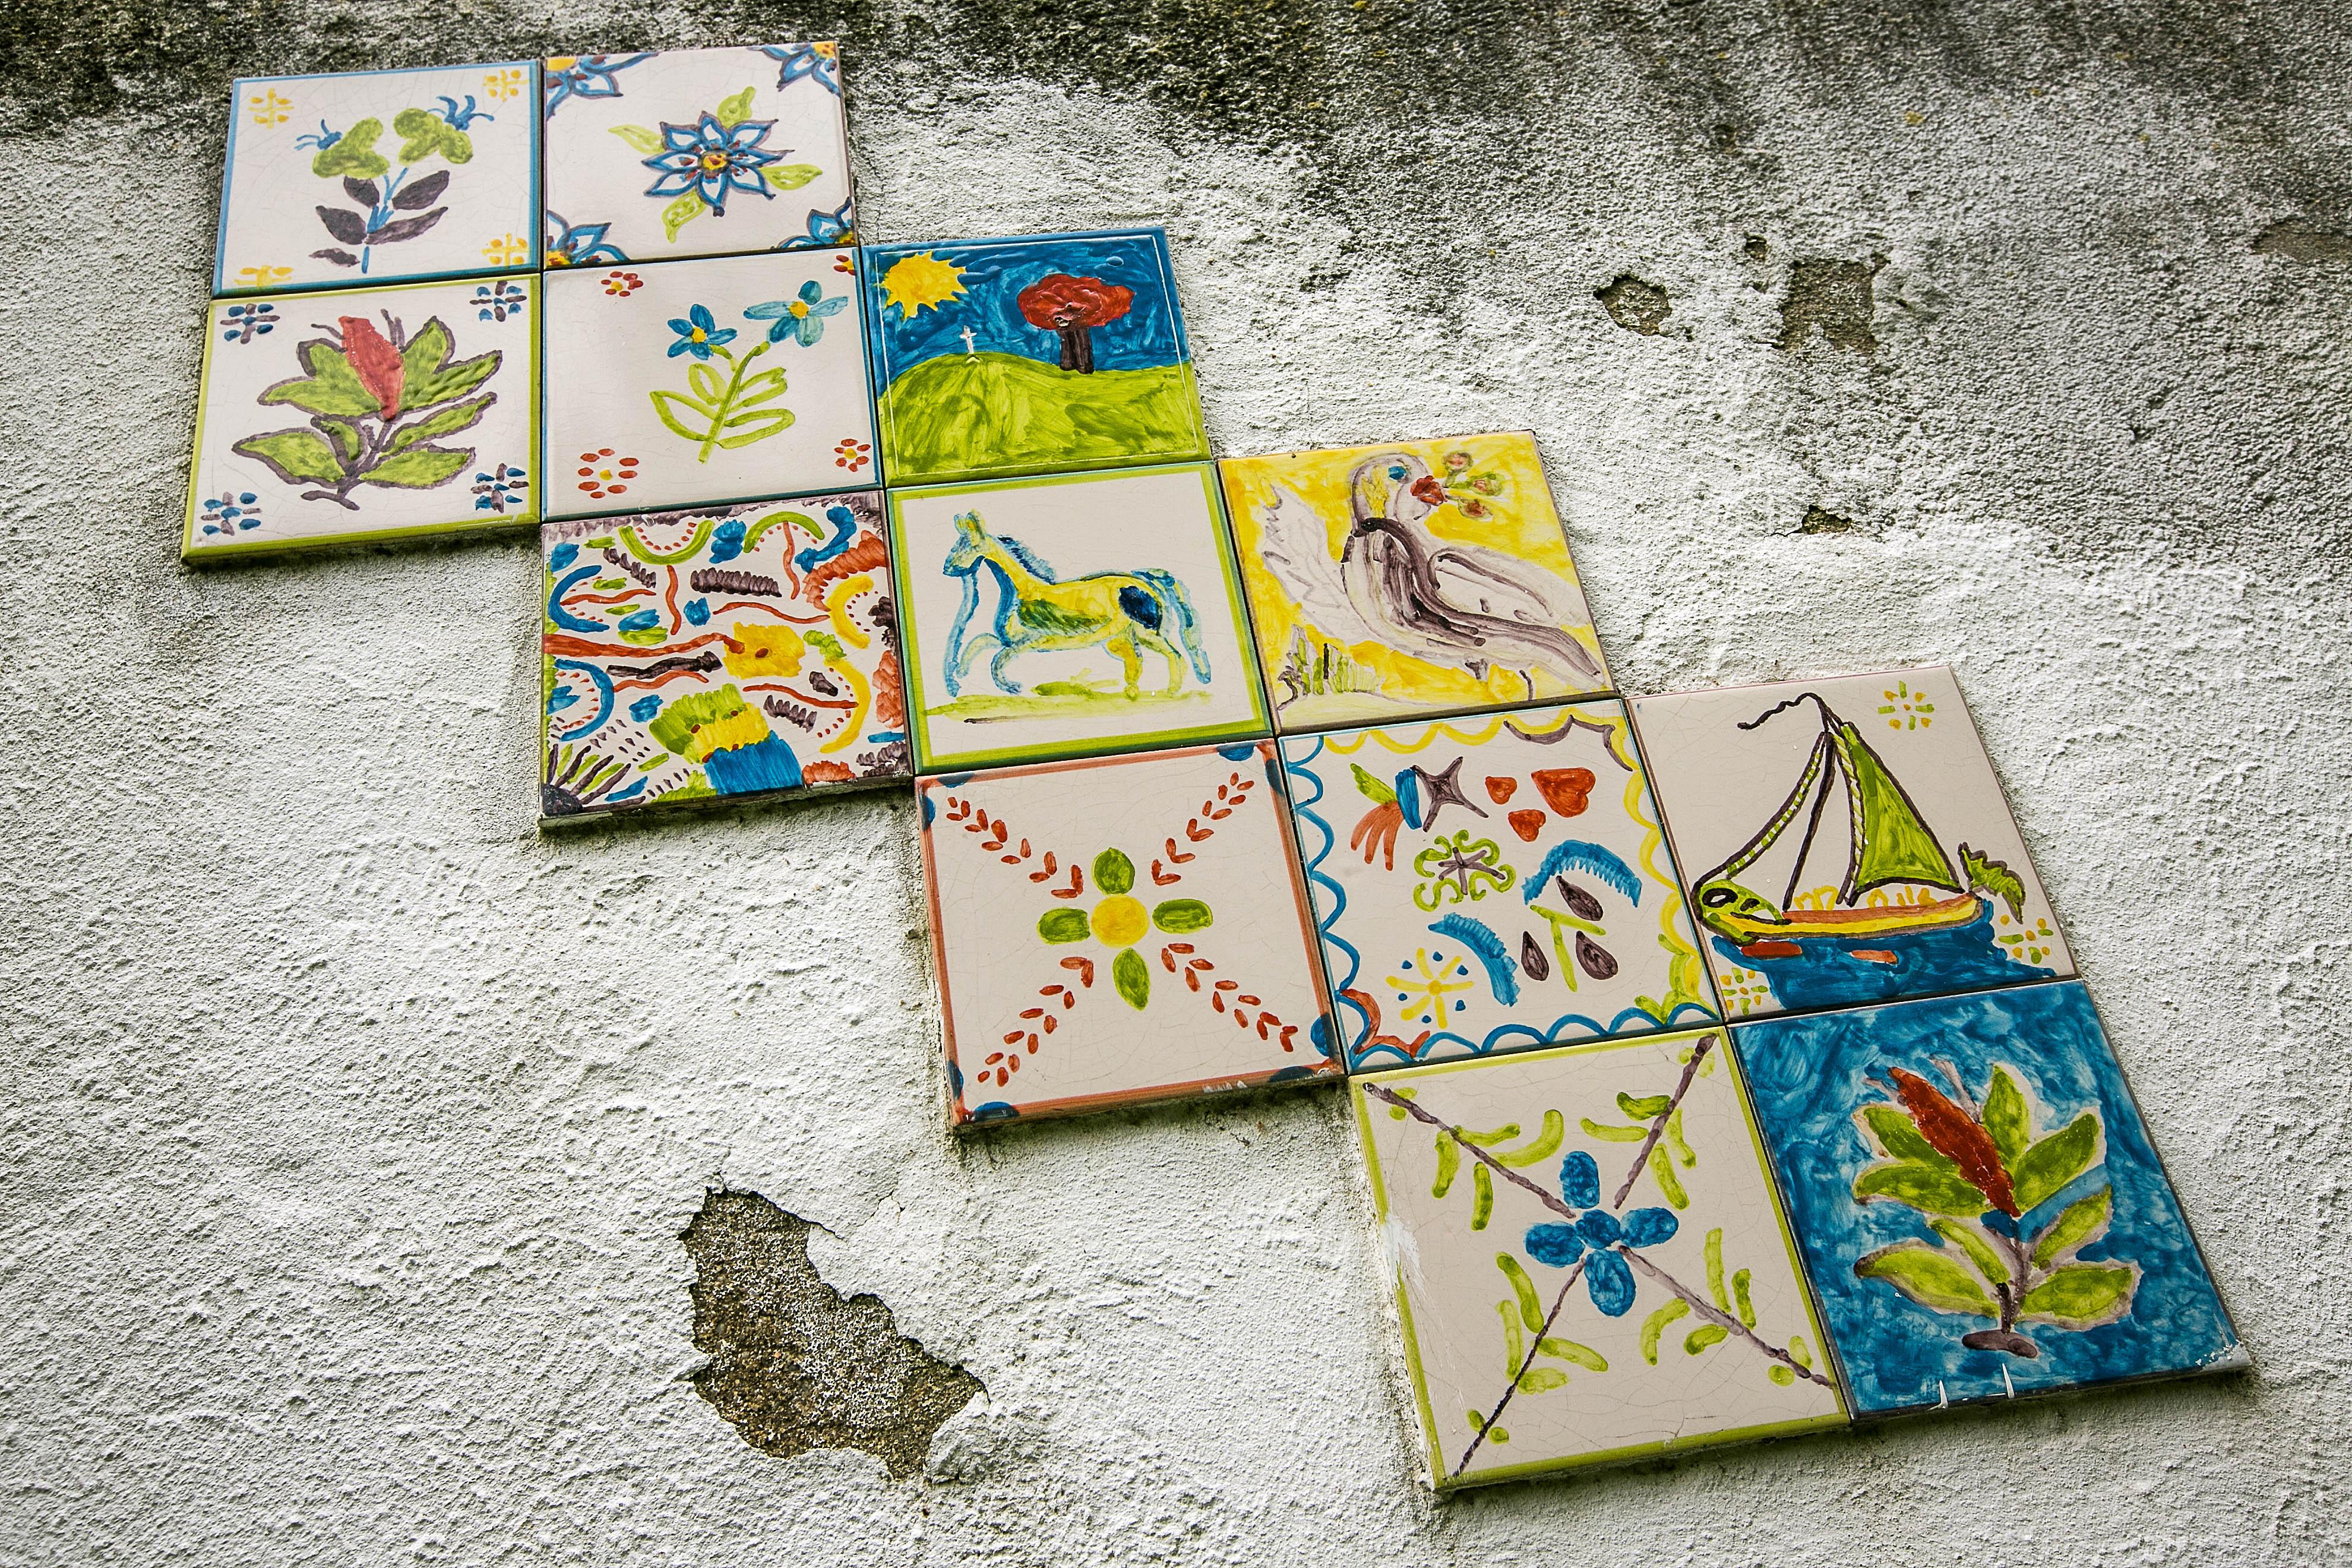 Painel de azulejos pintados e afixados por doente, também proposto na candidatura.